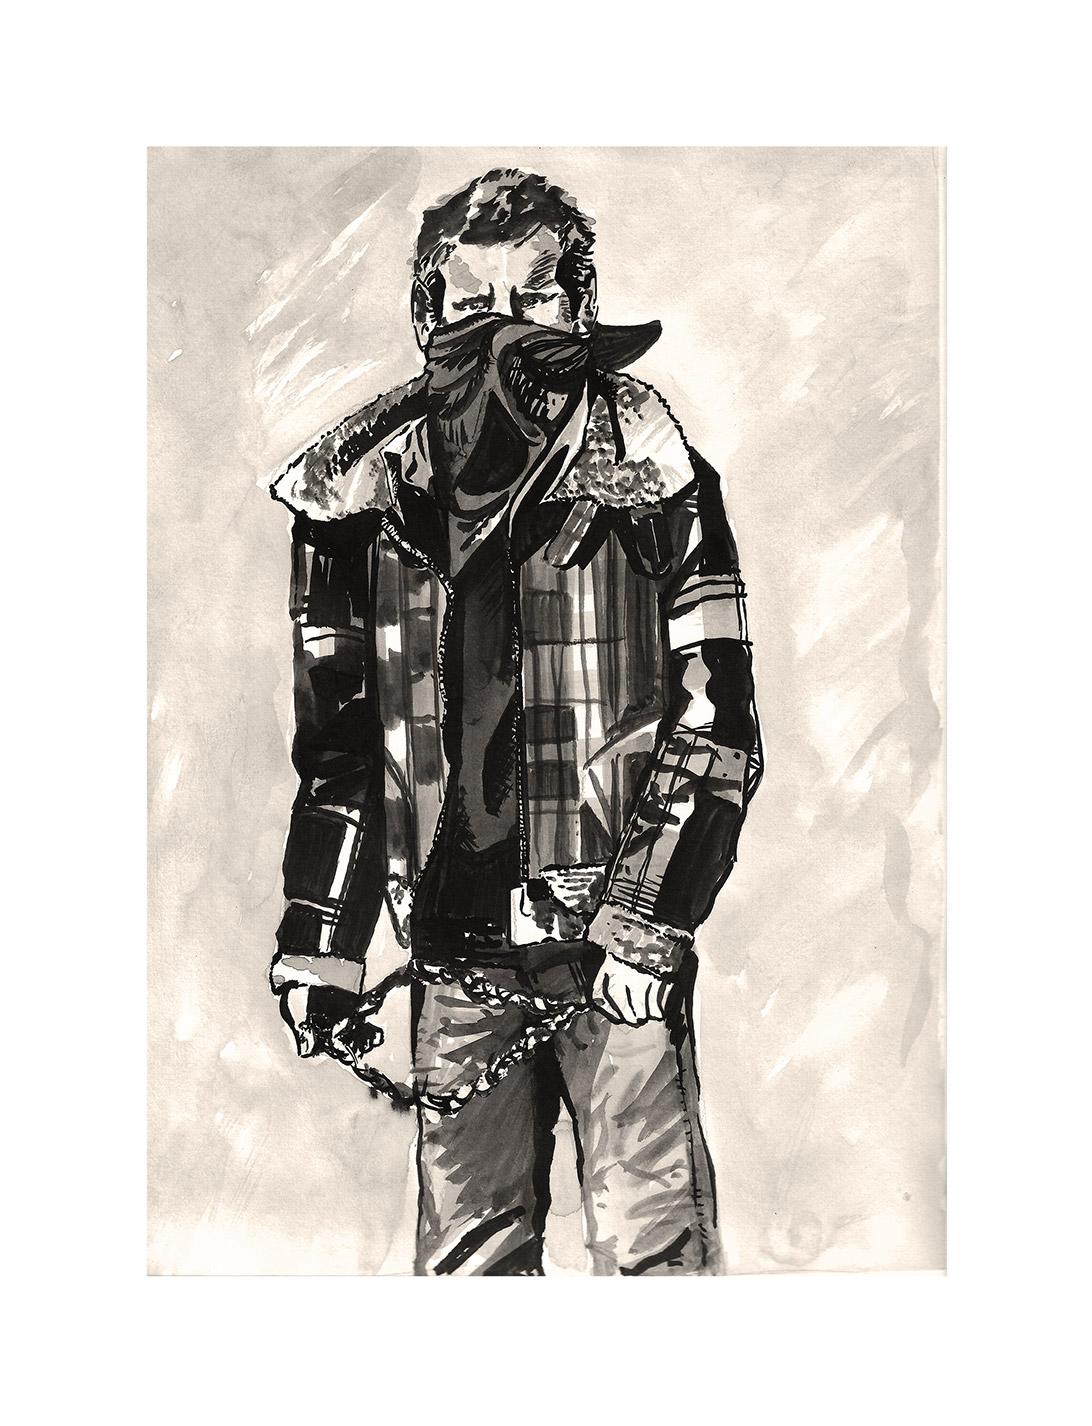 artwork of a masked boy holding a slingshot